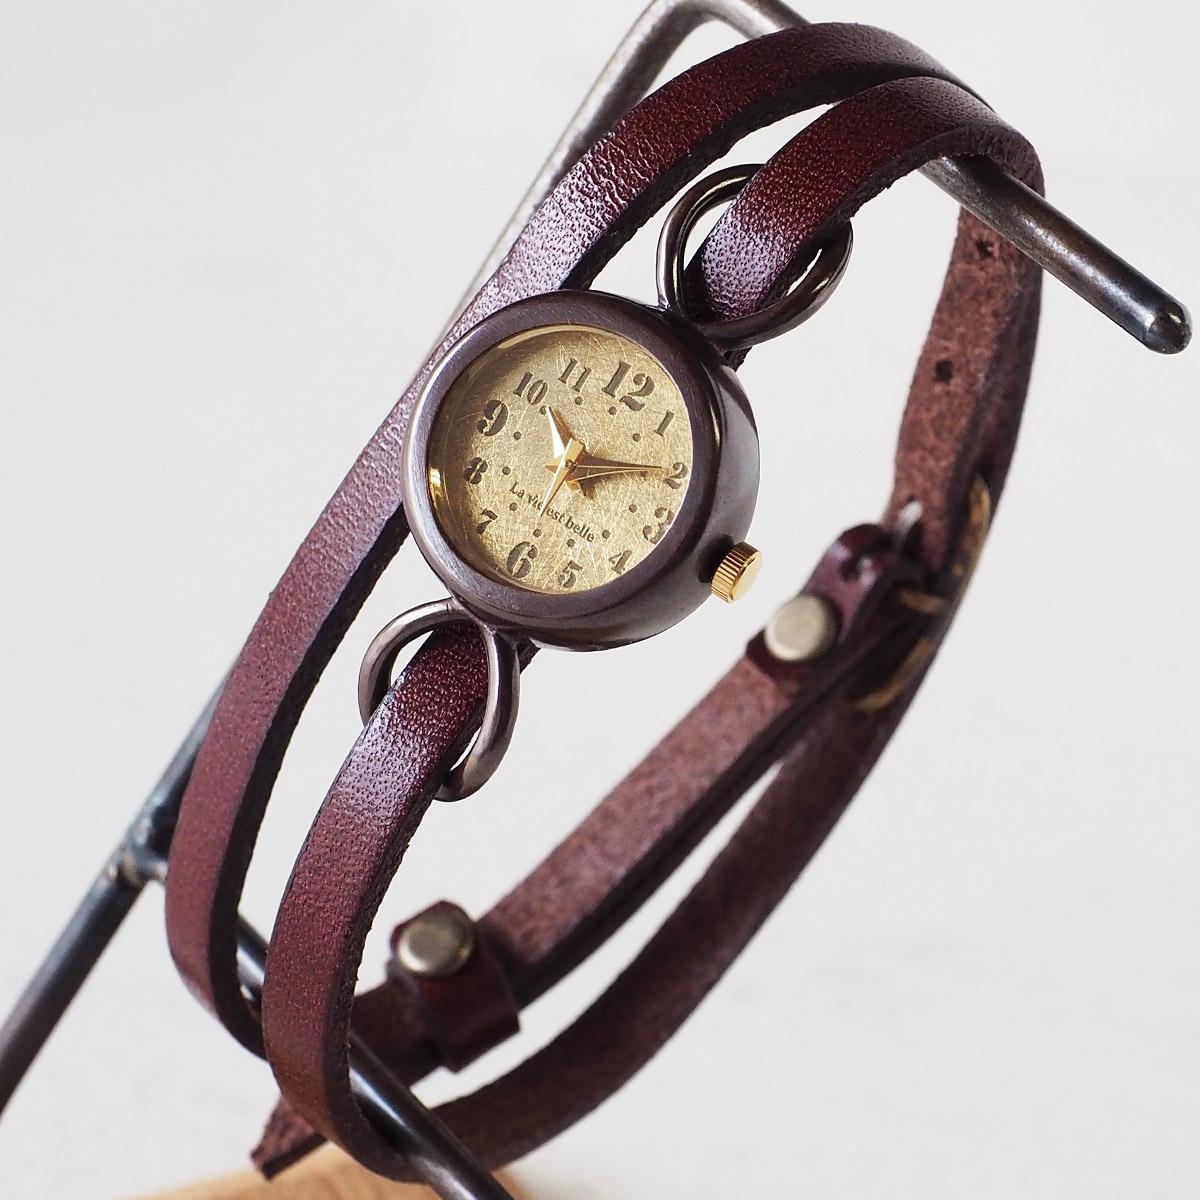 """華奢なベルトが女性らしい手作り腕時計 vie ヴィー 手作り腕時計 """"collon brass -コロン ブラス-"""" 2重ベルト レディース 当店一番人気 送料込 WB-066-W-BELT レトロ イタリアンレザー アンティーク調 時計工房ブランド シンプル 本革ベルト ブレスレット 日本製 栃木レザー ハンドメイド腕時計"""